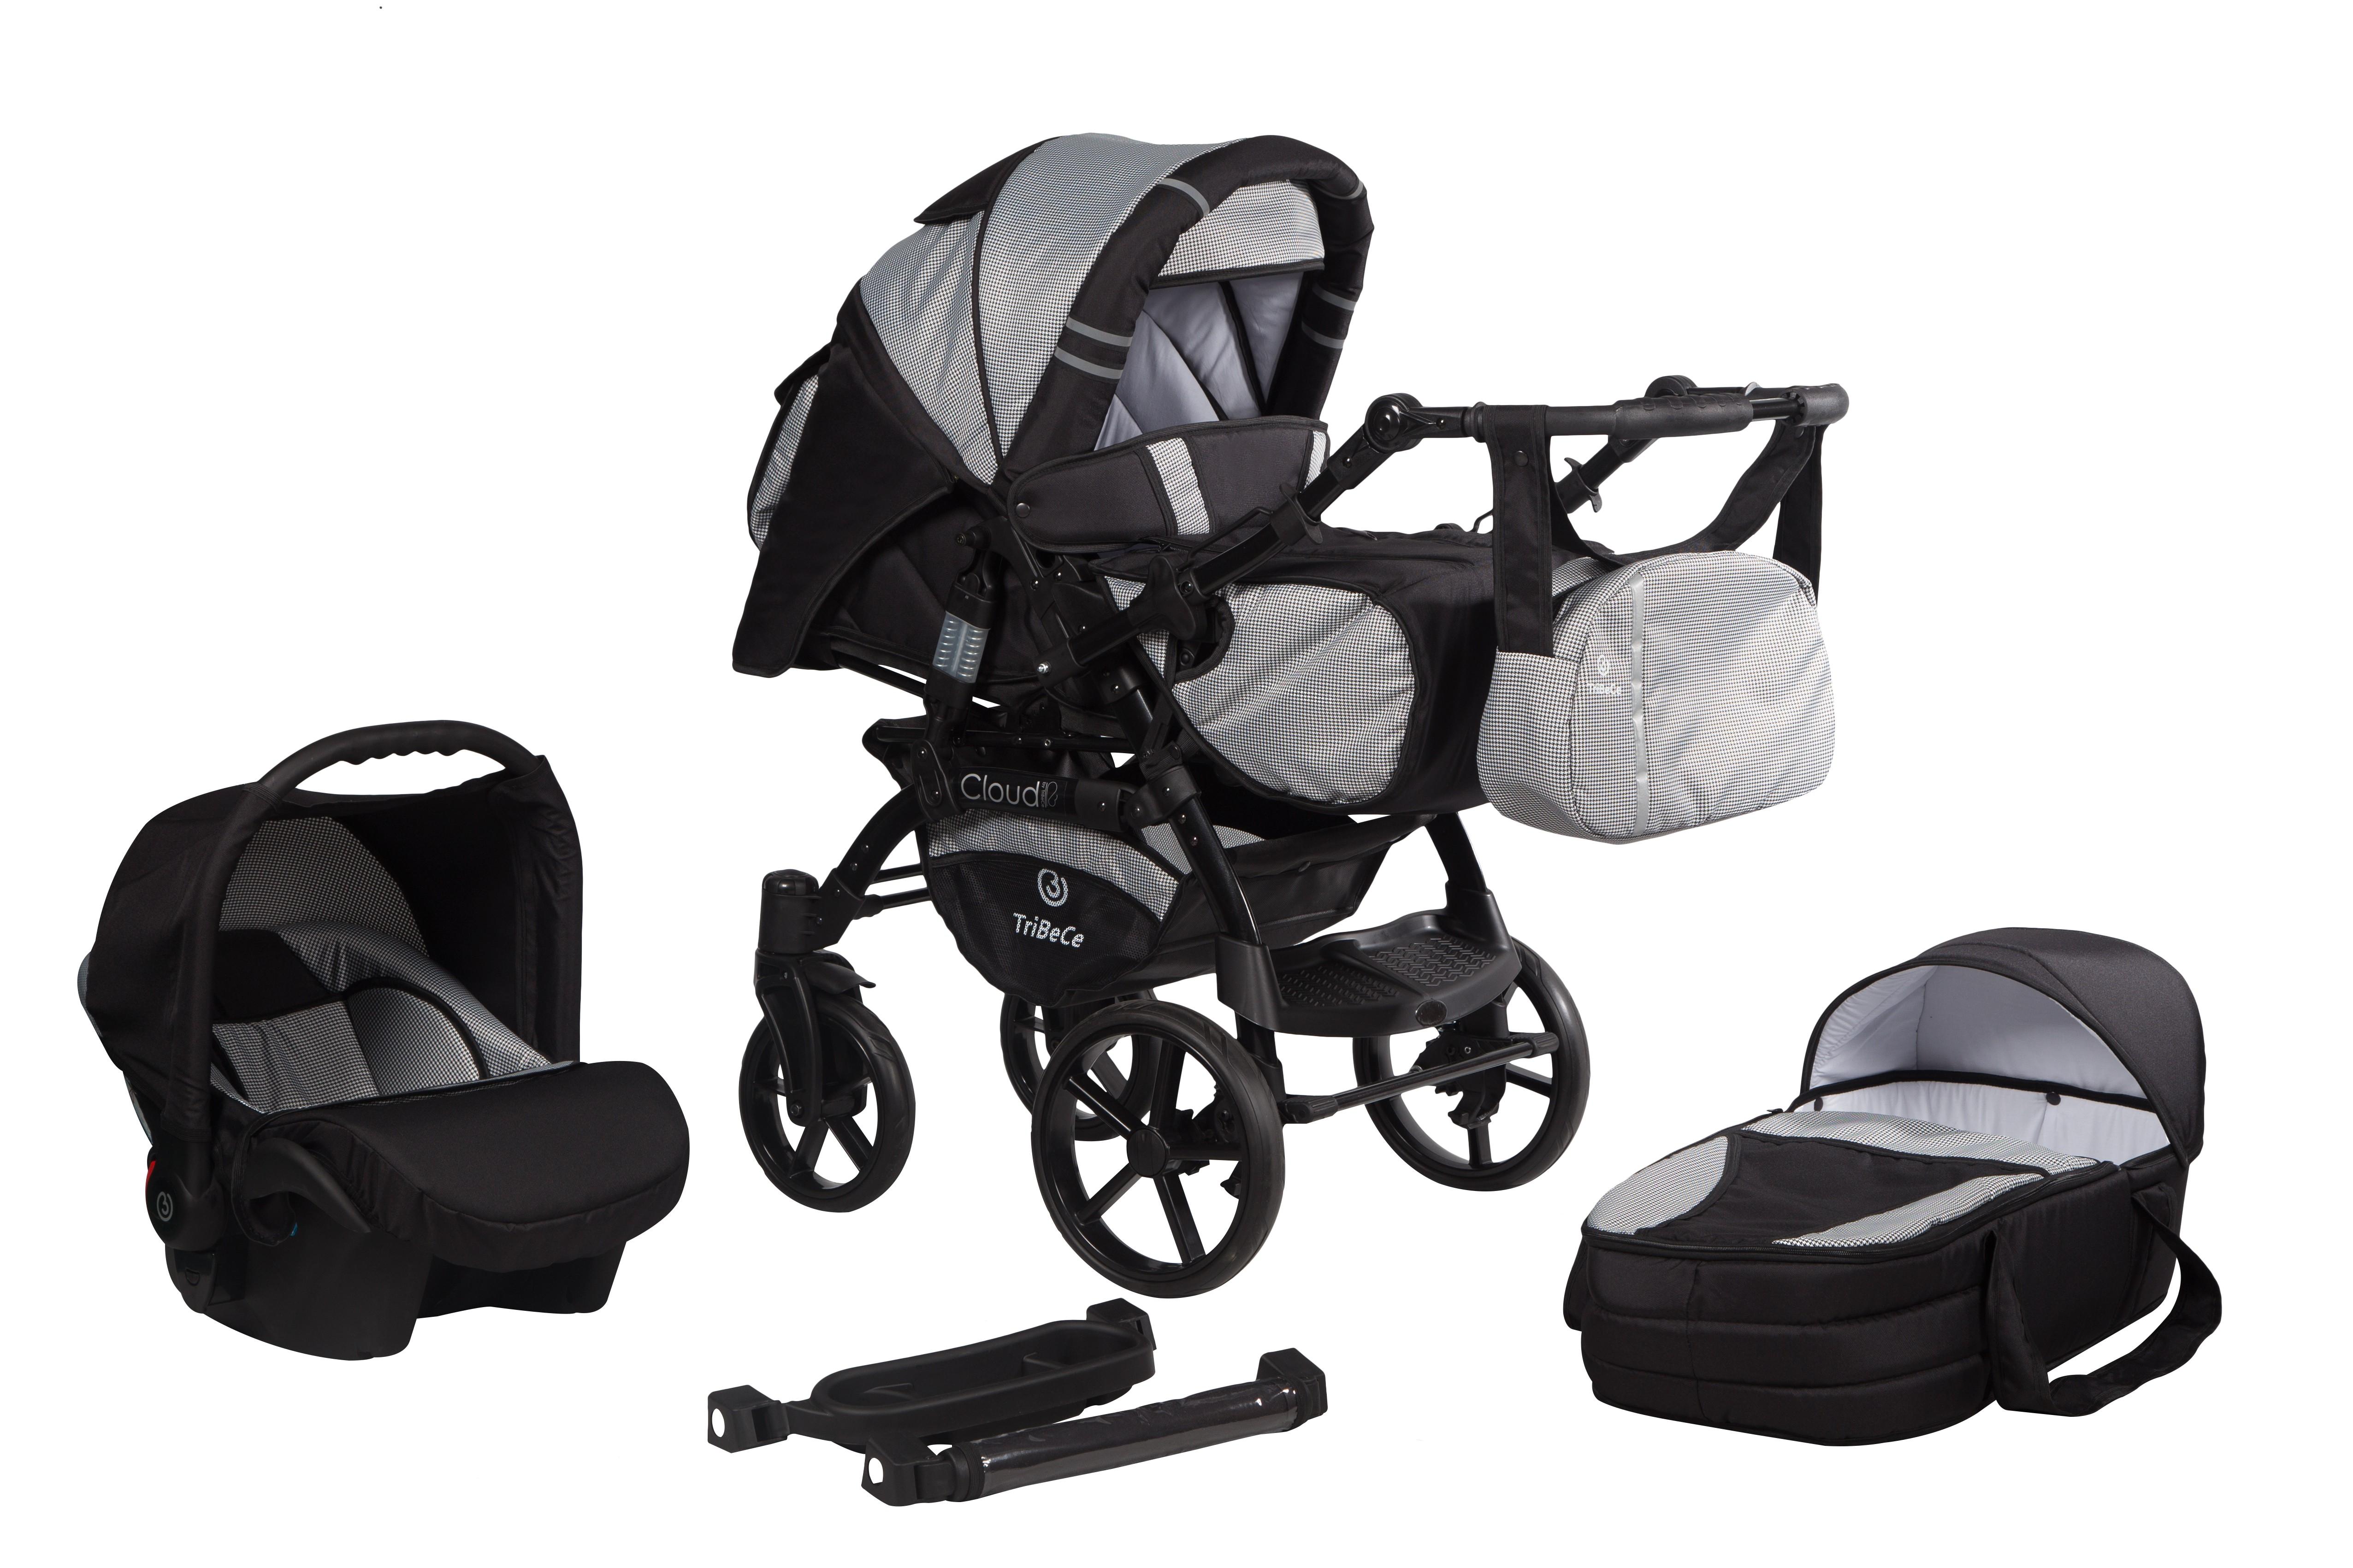 wielofunkcyjny wózek dzieciecy Cloud Baby Merc